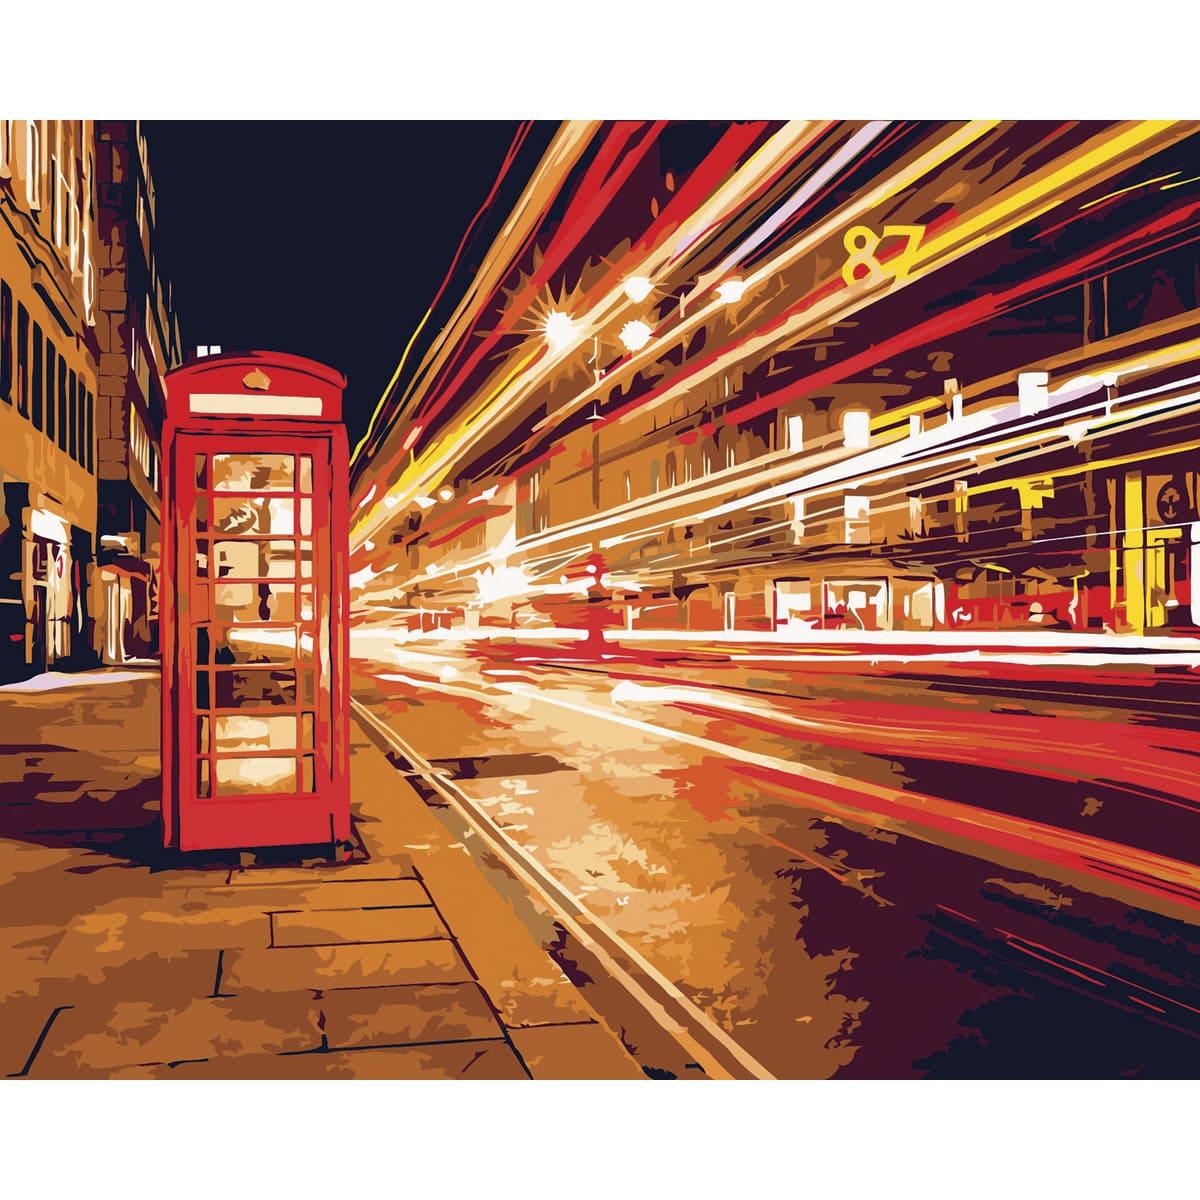 D003 Набор для рисования по номерам 'Ночной Лондон' 40*50см